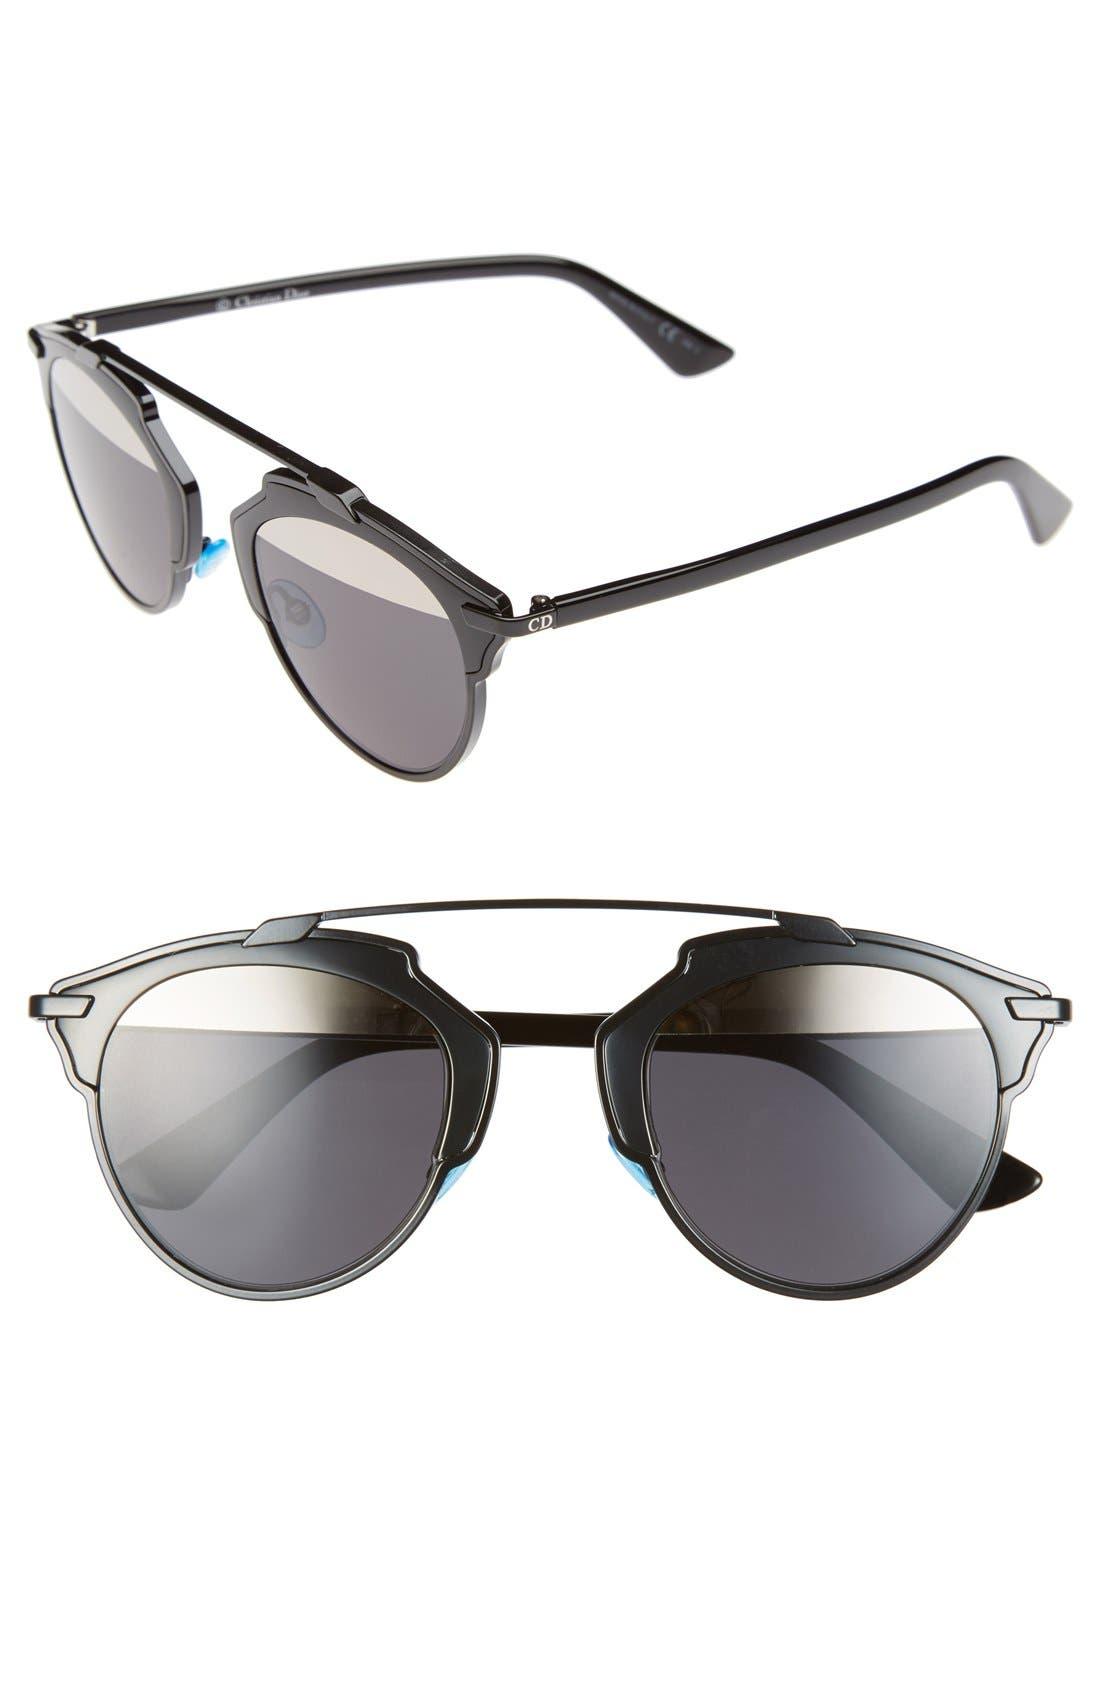 So Real 48mm Brow Bar Sunglasses,                             Main thumbnail 2, color,